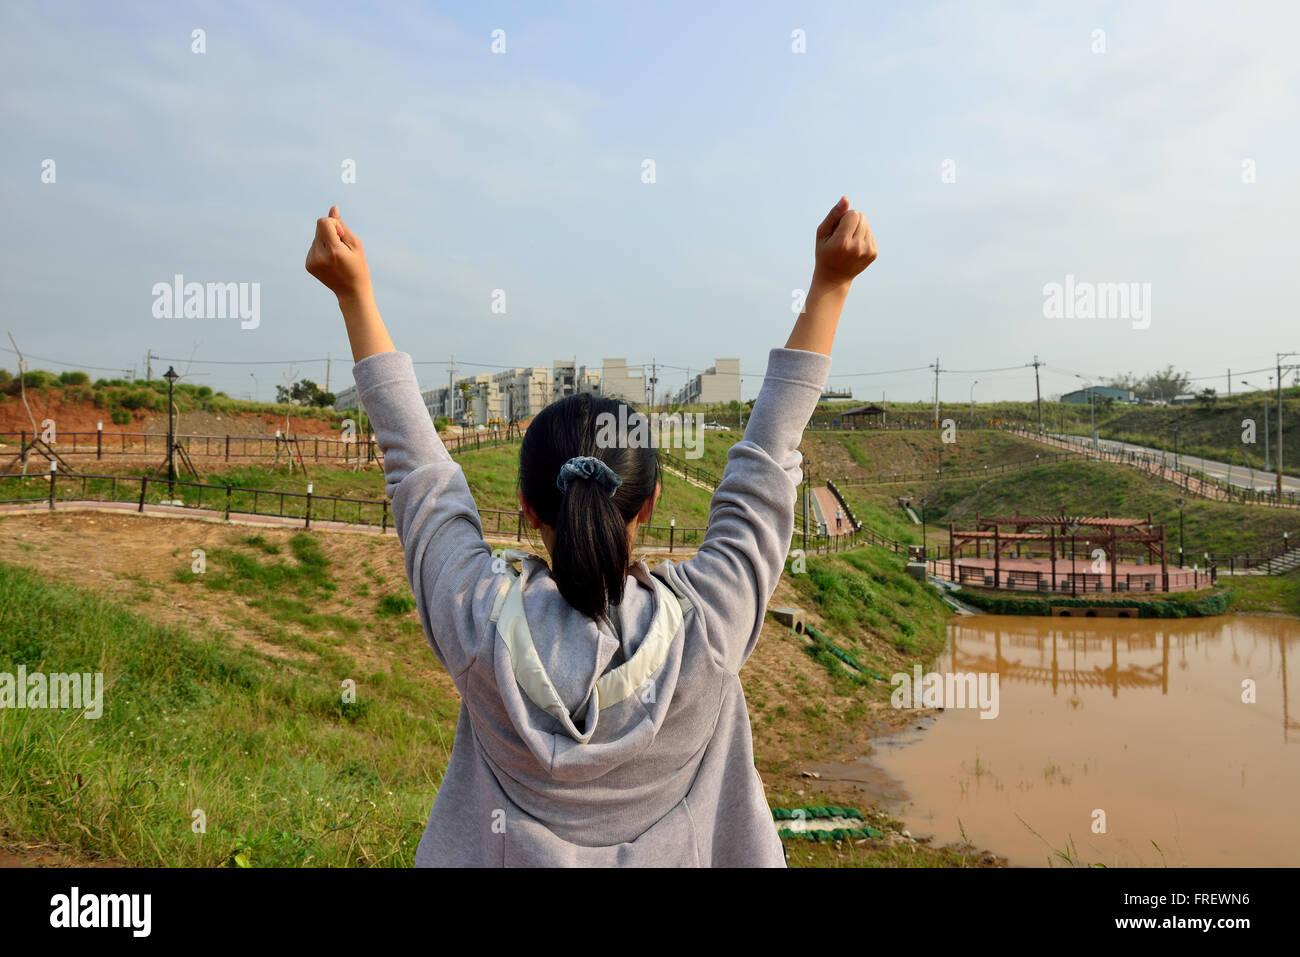 Donna in piedi con le mani in alto /futuro / libertà / speranza / concetto di successo Immagini Stock